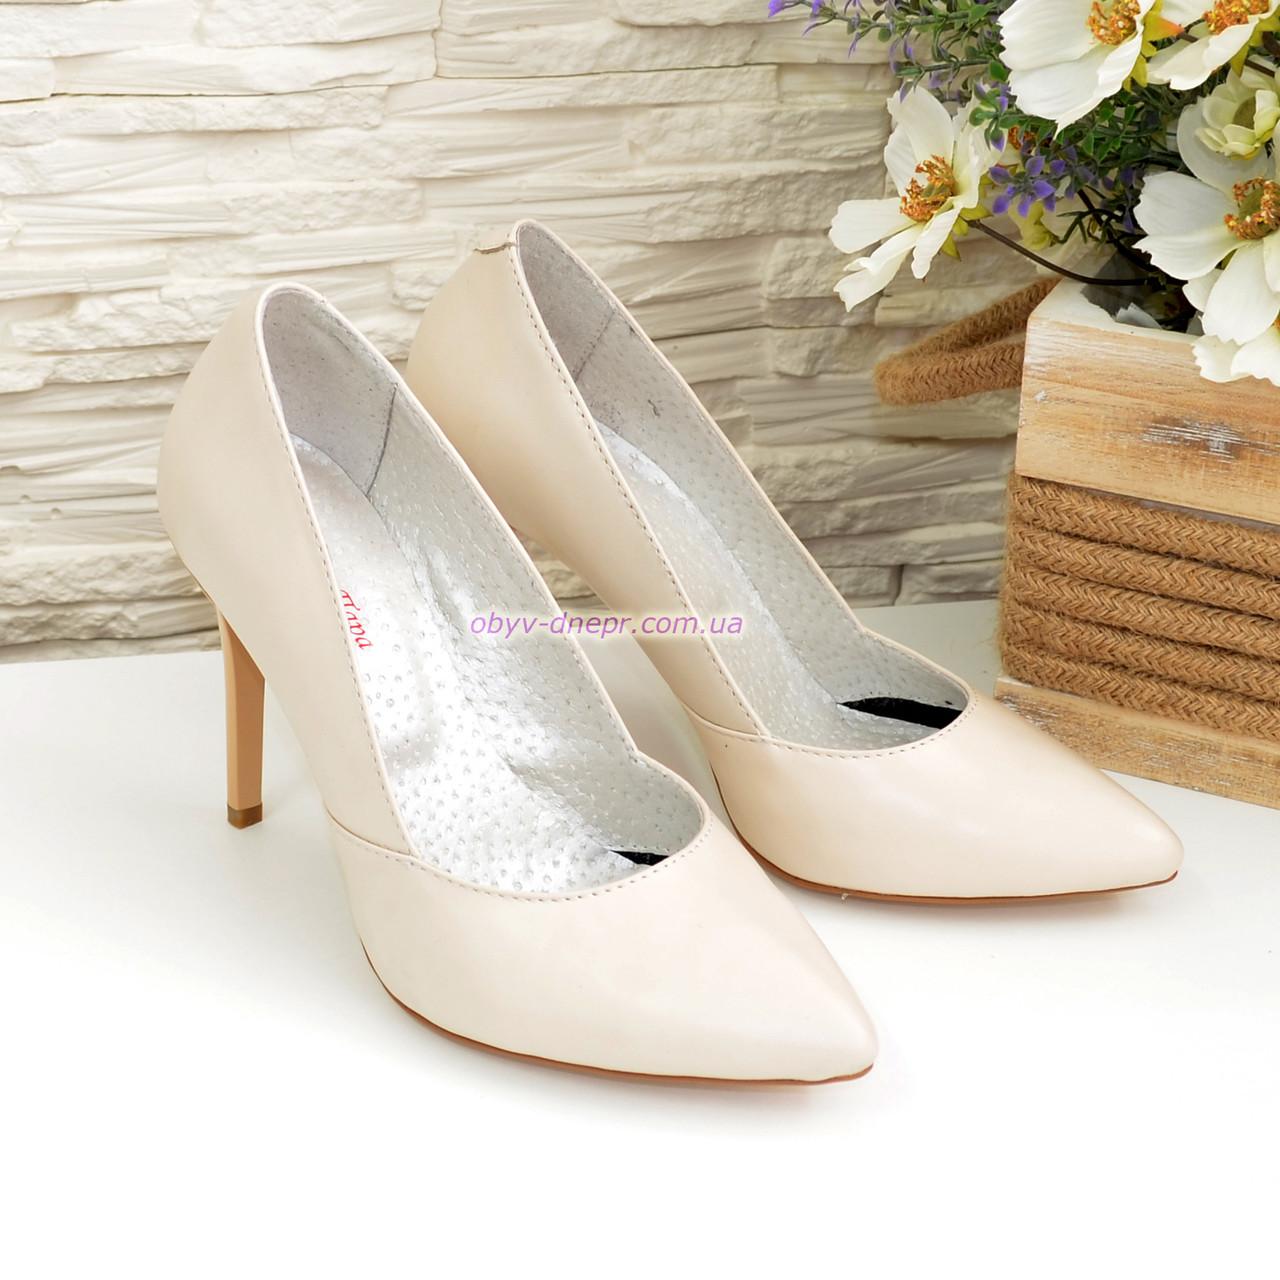 Классические женские кожаные туфли на шпильке, цвет бежевый